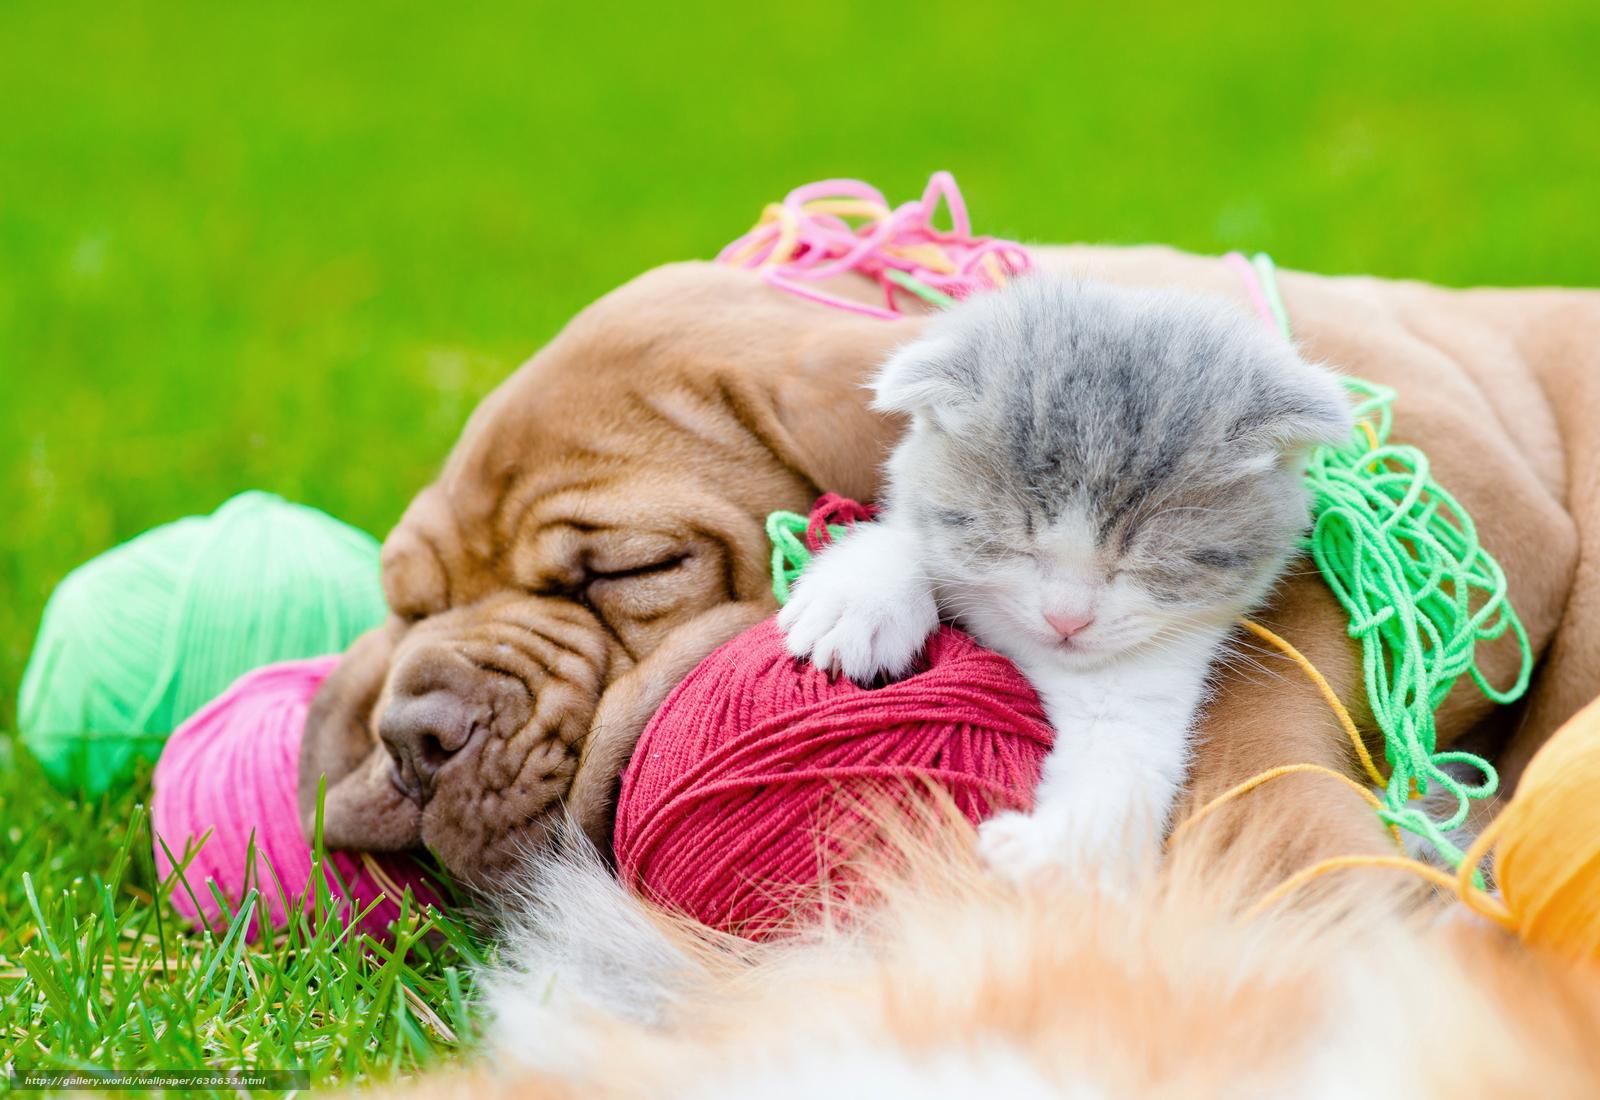 Tlcharger fond d 39 ecran chien chiot chaton amis fonds d for Fond ecran chiot